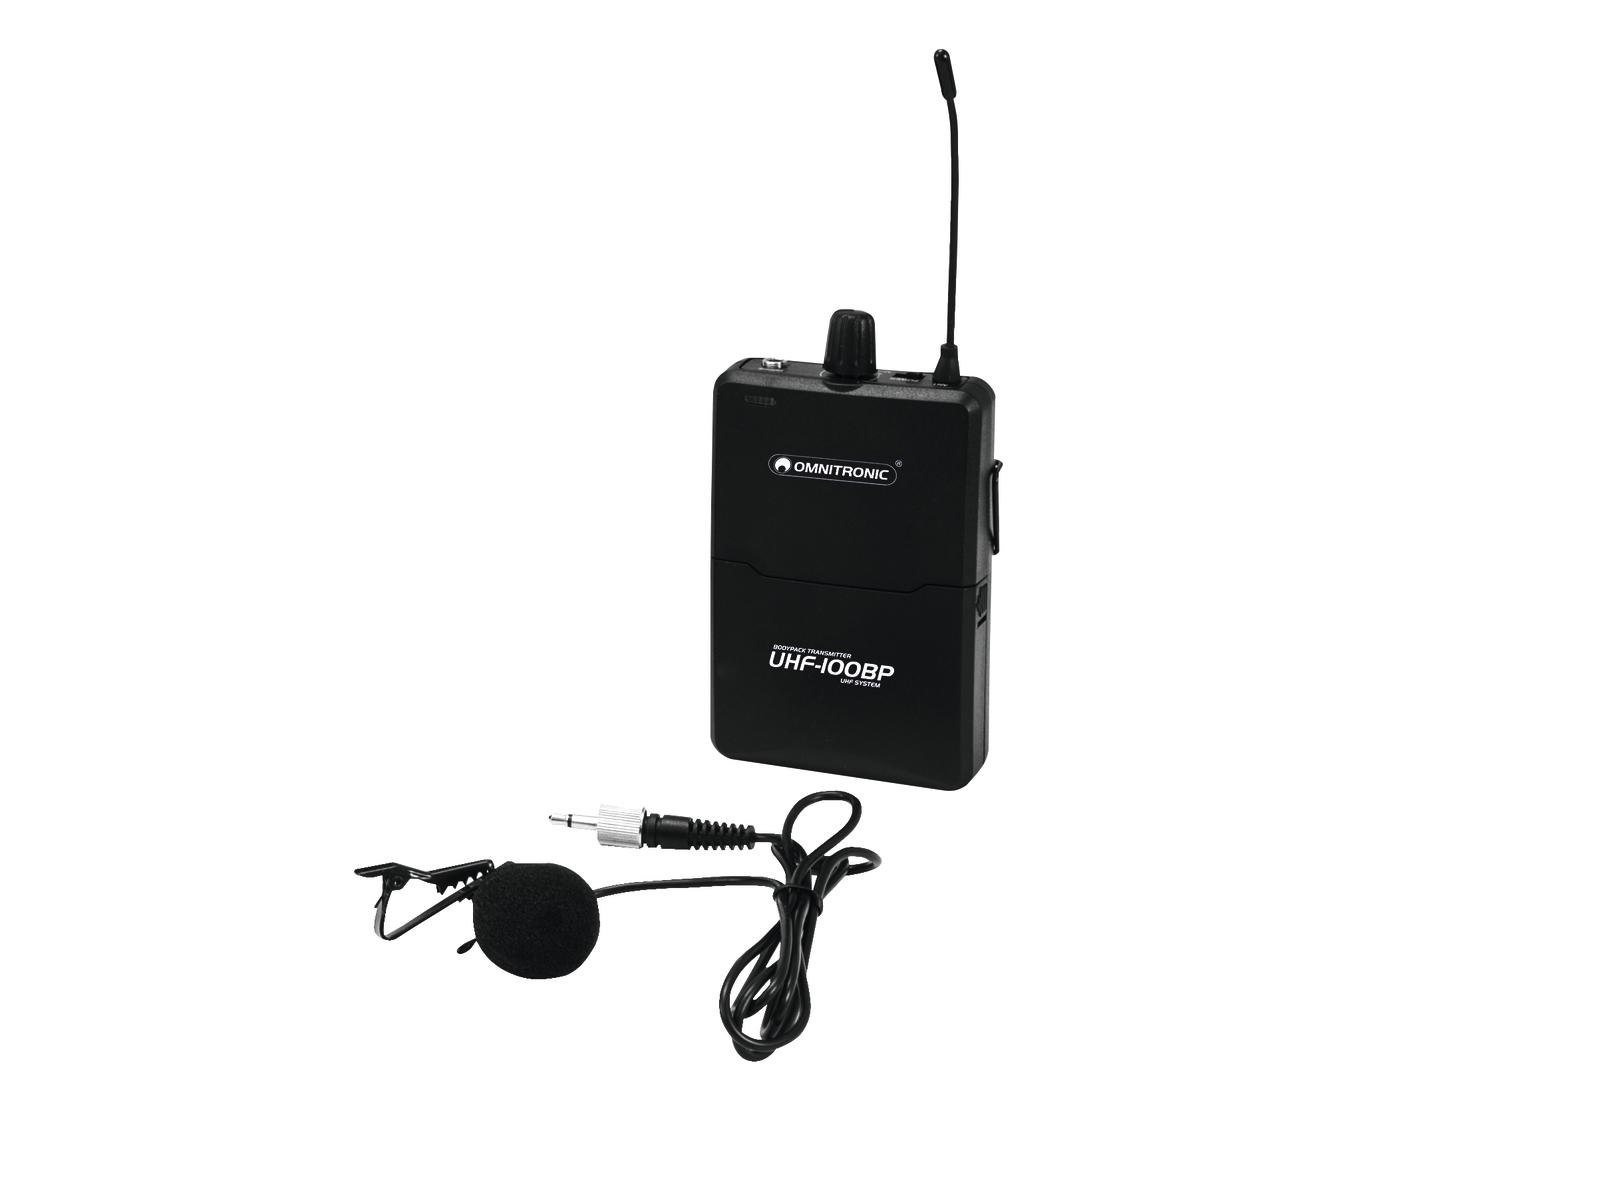 Omnitronic UHF-100 BP, kapesní vysílač 830.3MHz a klopový mikrofon